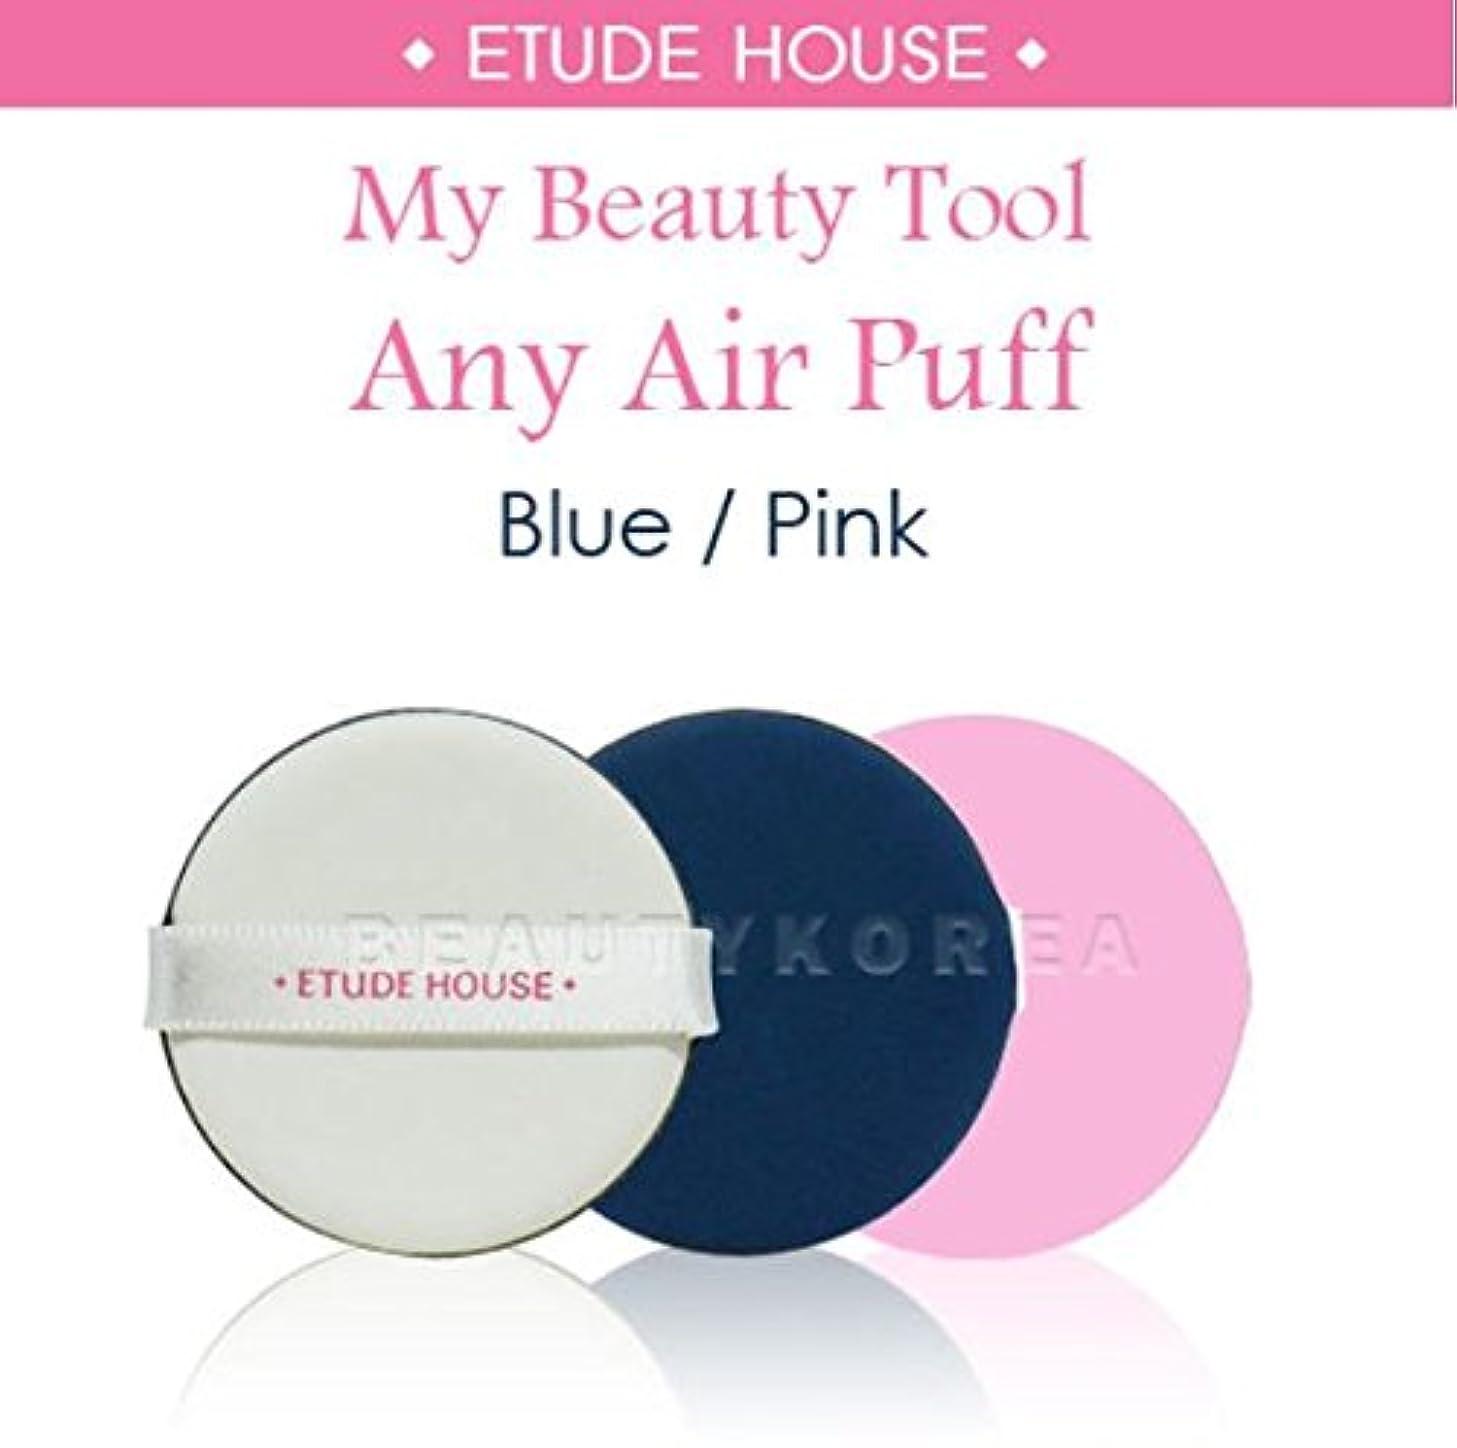 エチュードハウス [韓国コスメ ETUDE HOUSE] マイビューティーツールエアパフ ETUDE HOUSE My Beauty Tools Air Puff * 3EA (3個) (ブル-(BLUE)) [並行輸入品]